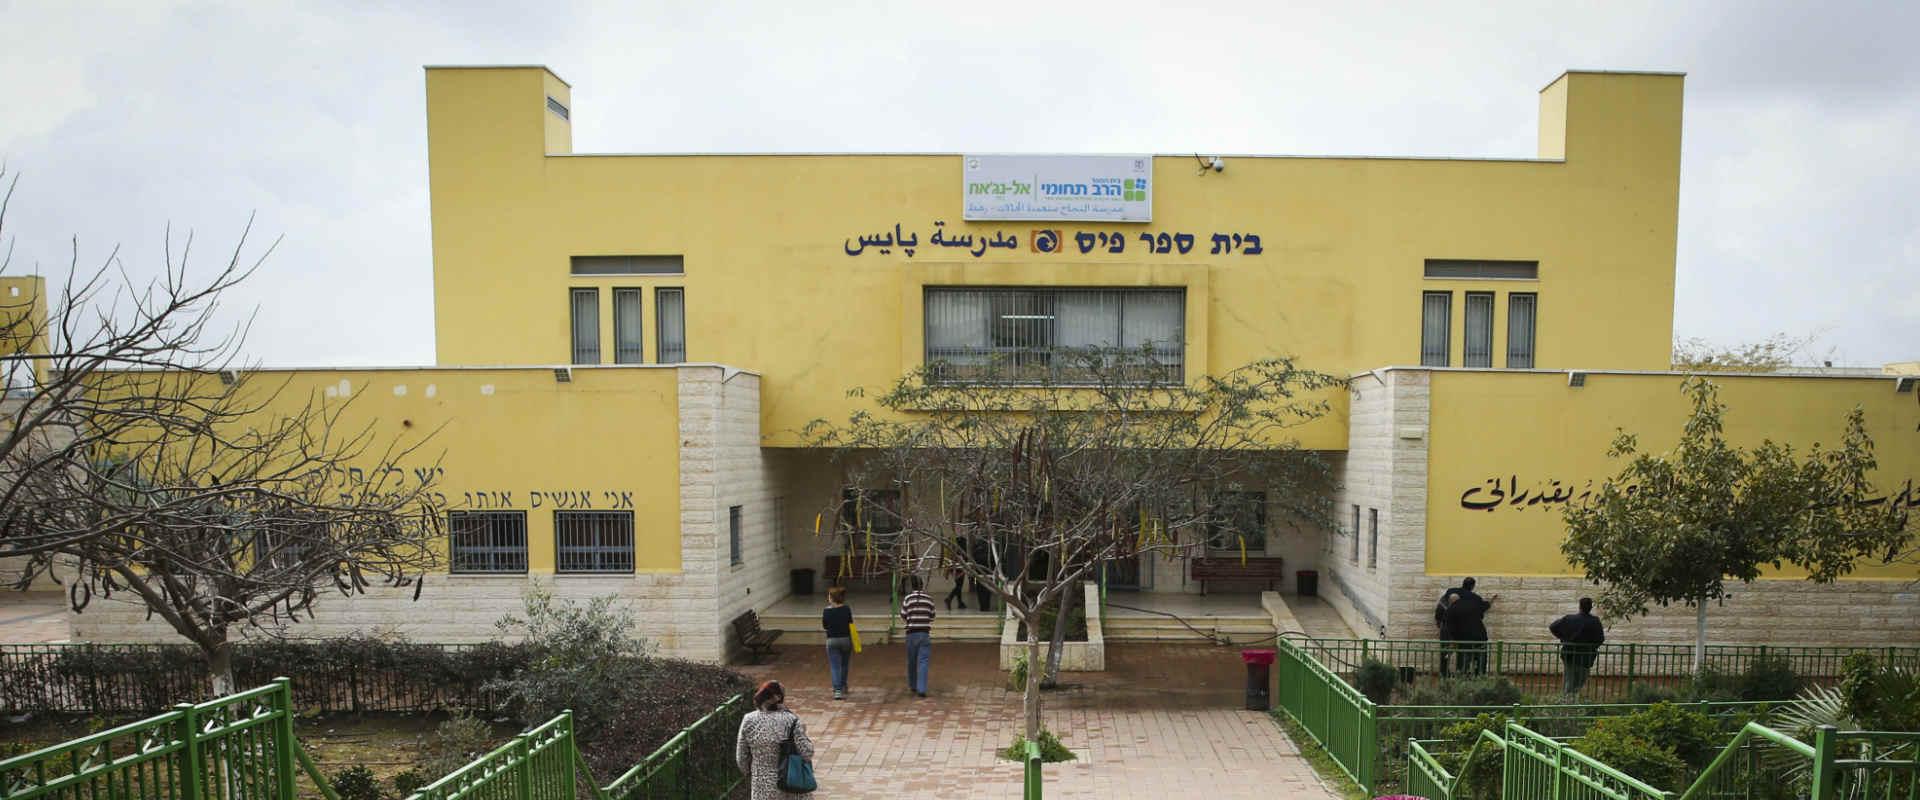 בית ספר ברהט